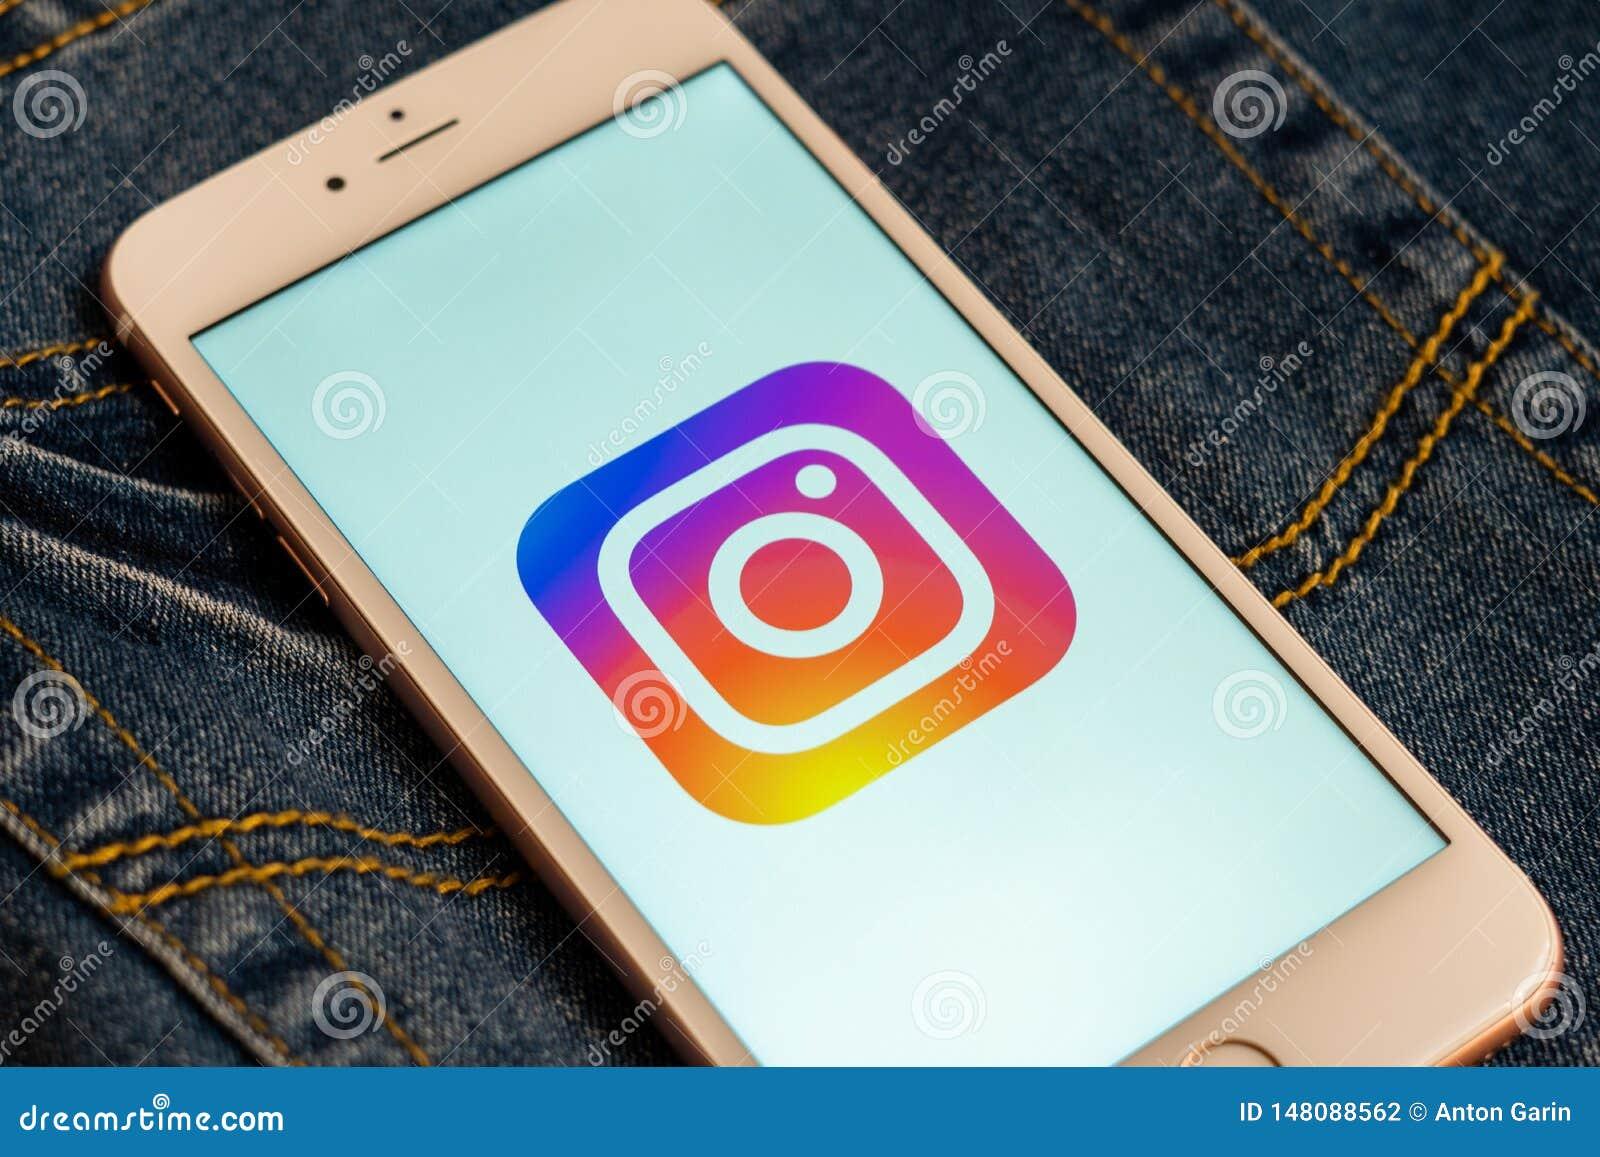 Белый телефон с логотипом социальных средств массовой информации Instagram на экране r